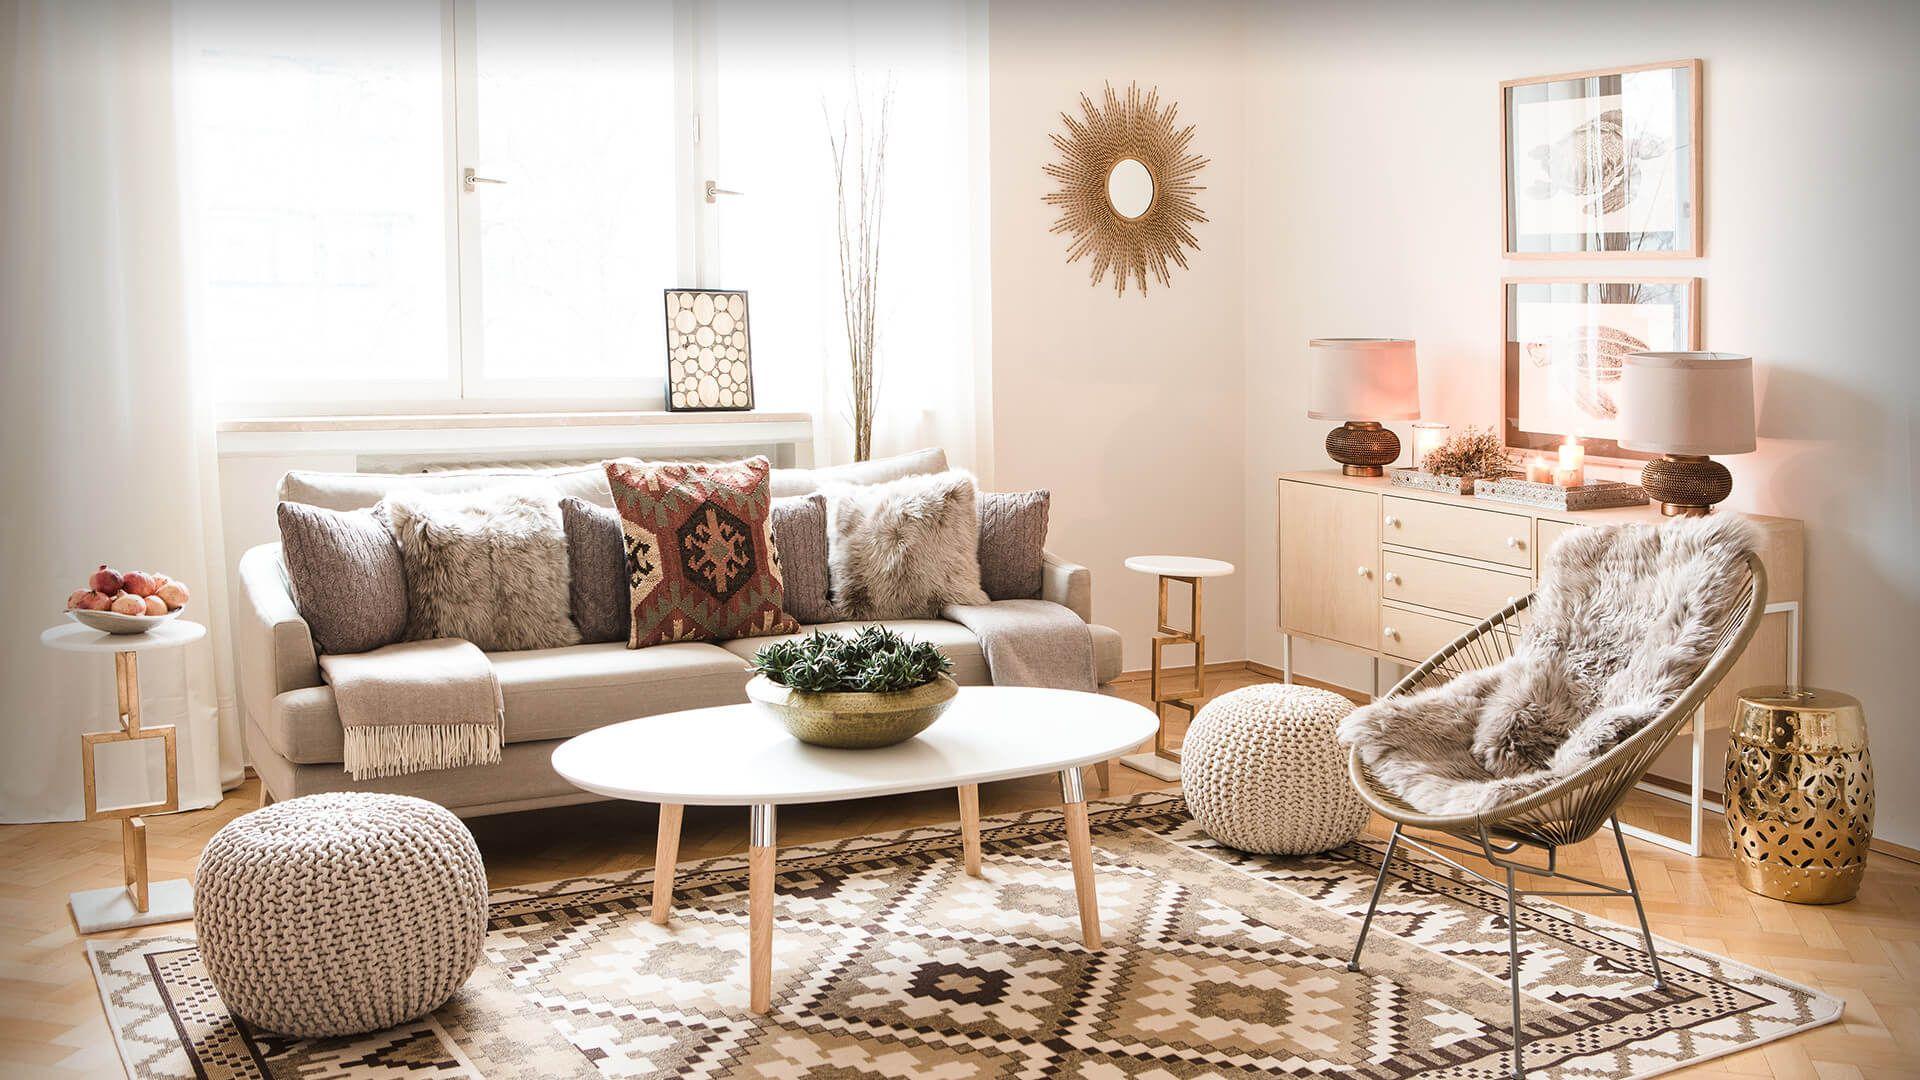 auch gro stadtindianer brauchen einen r ckzugsort ethno prints sanfte erdt ne und. Black Bedroom Furniture Sets. Home Design Ideas